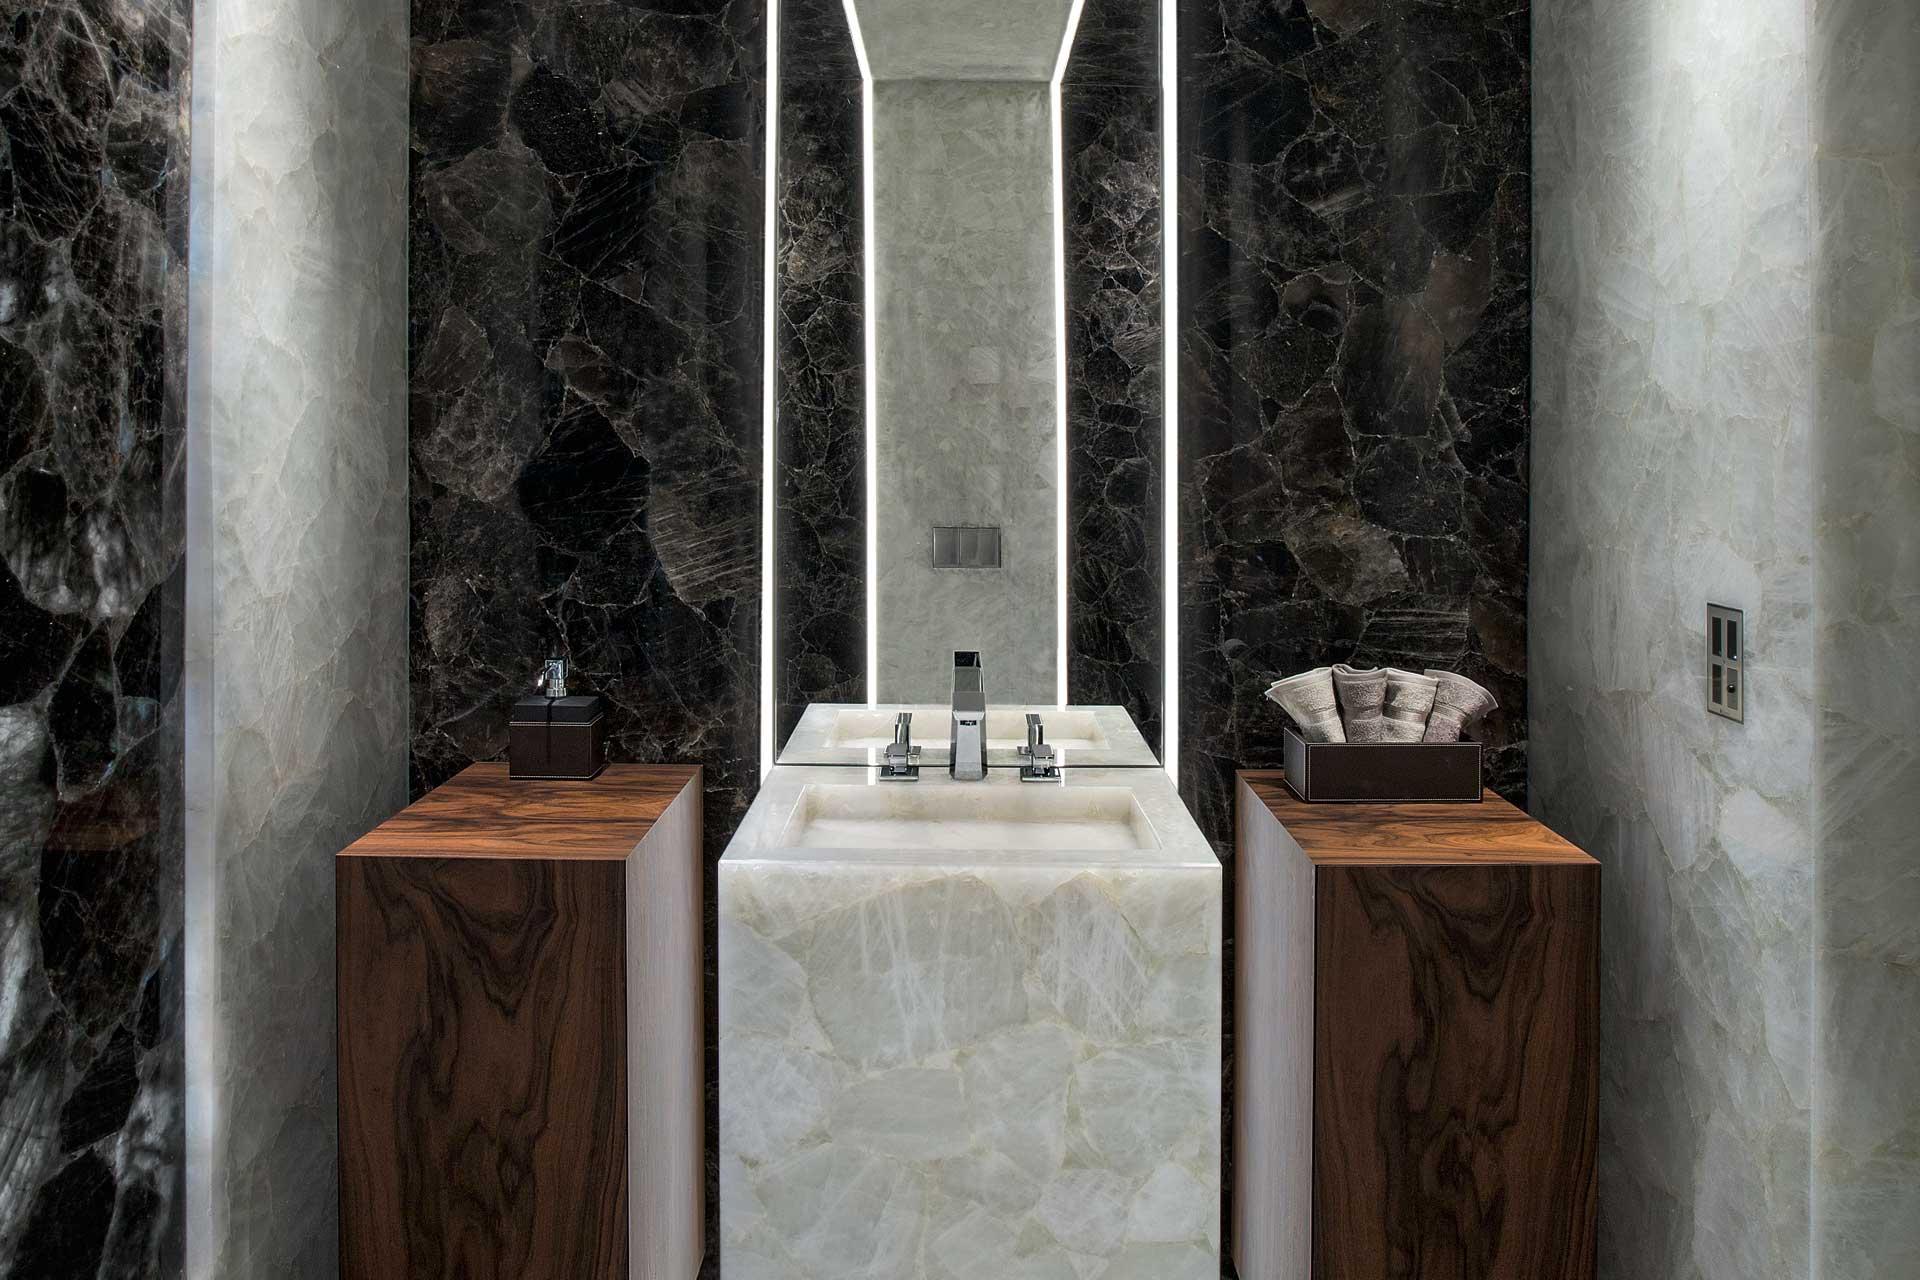 Waschbecken Naturstein Beleuchtung